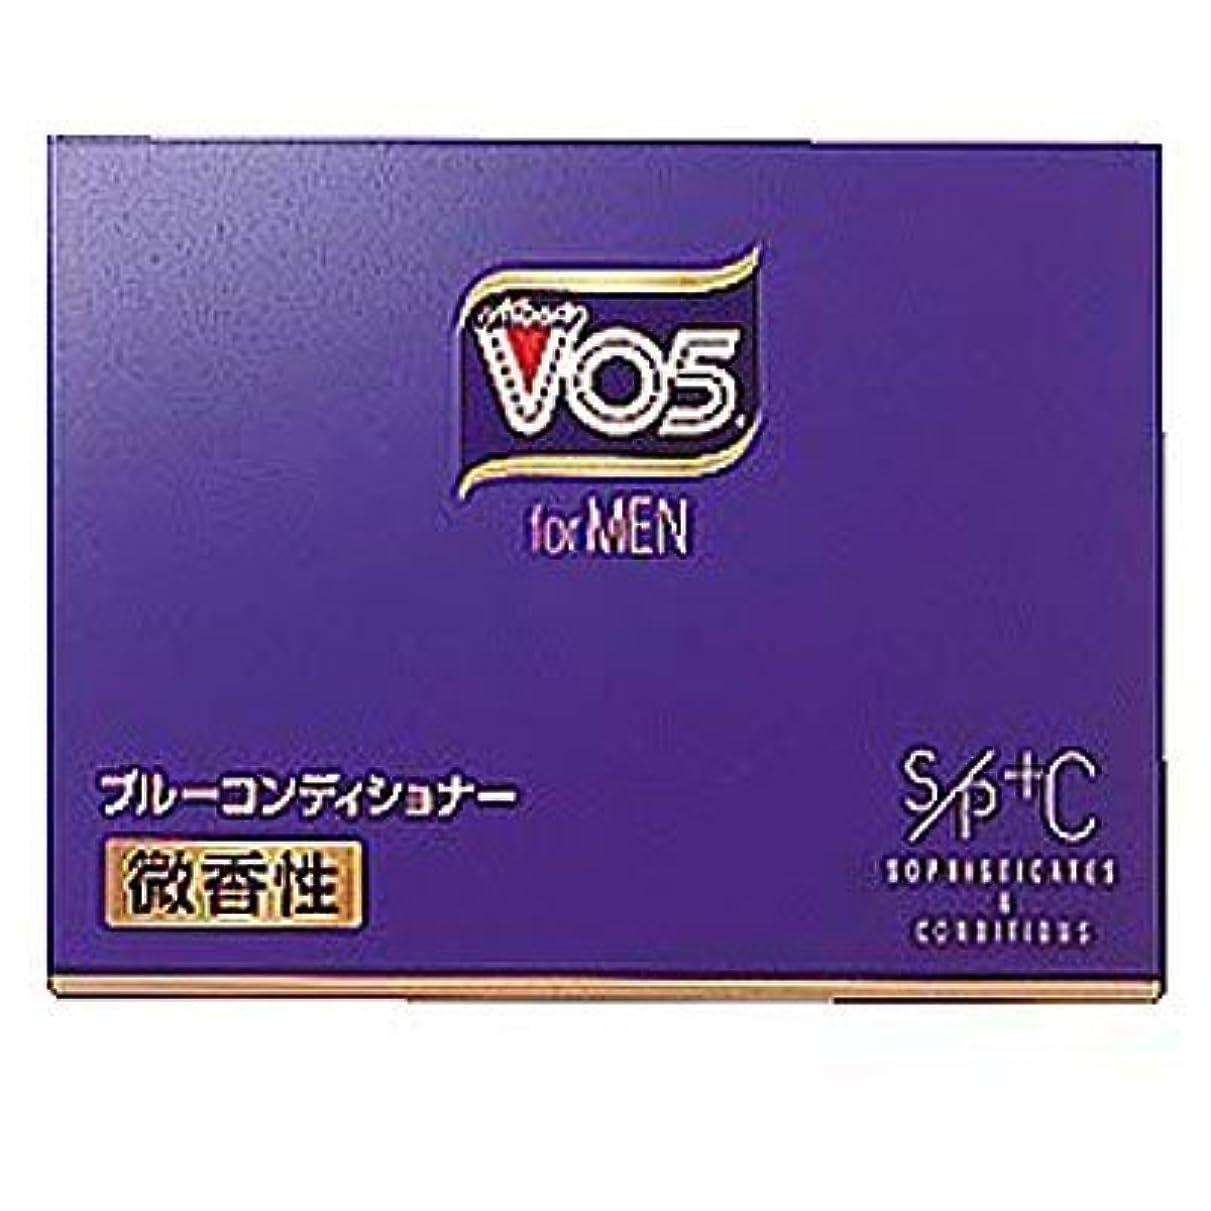 ファッション制裁ビジネスVO5 forMEN ブルーコンディショナー 微香性 85g